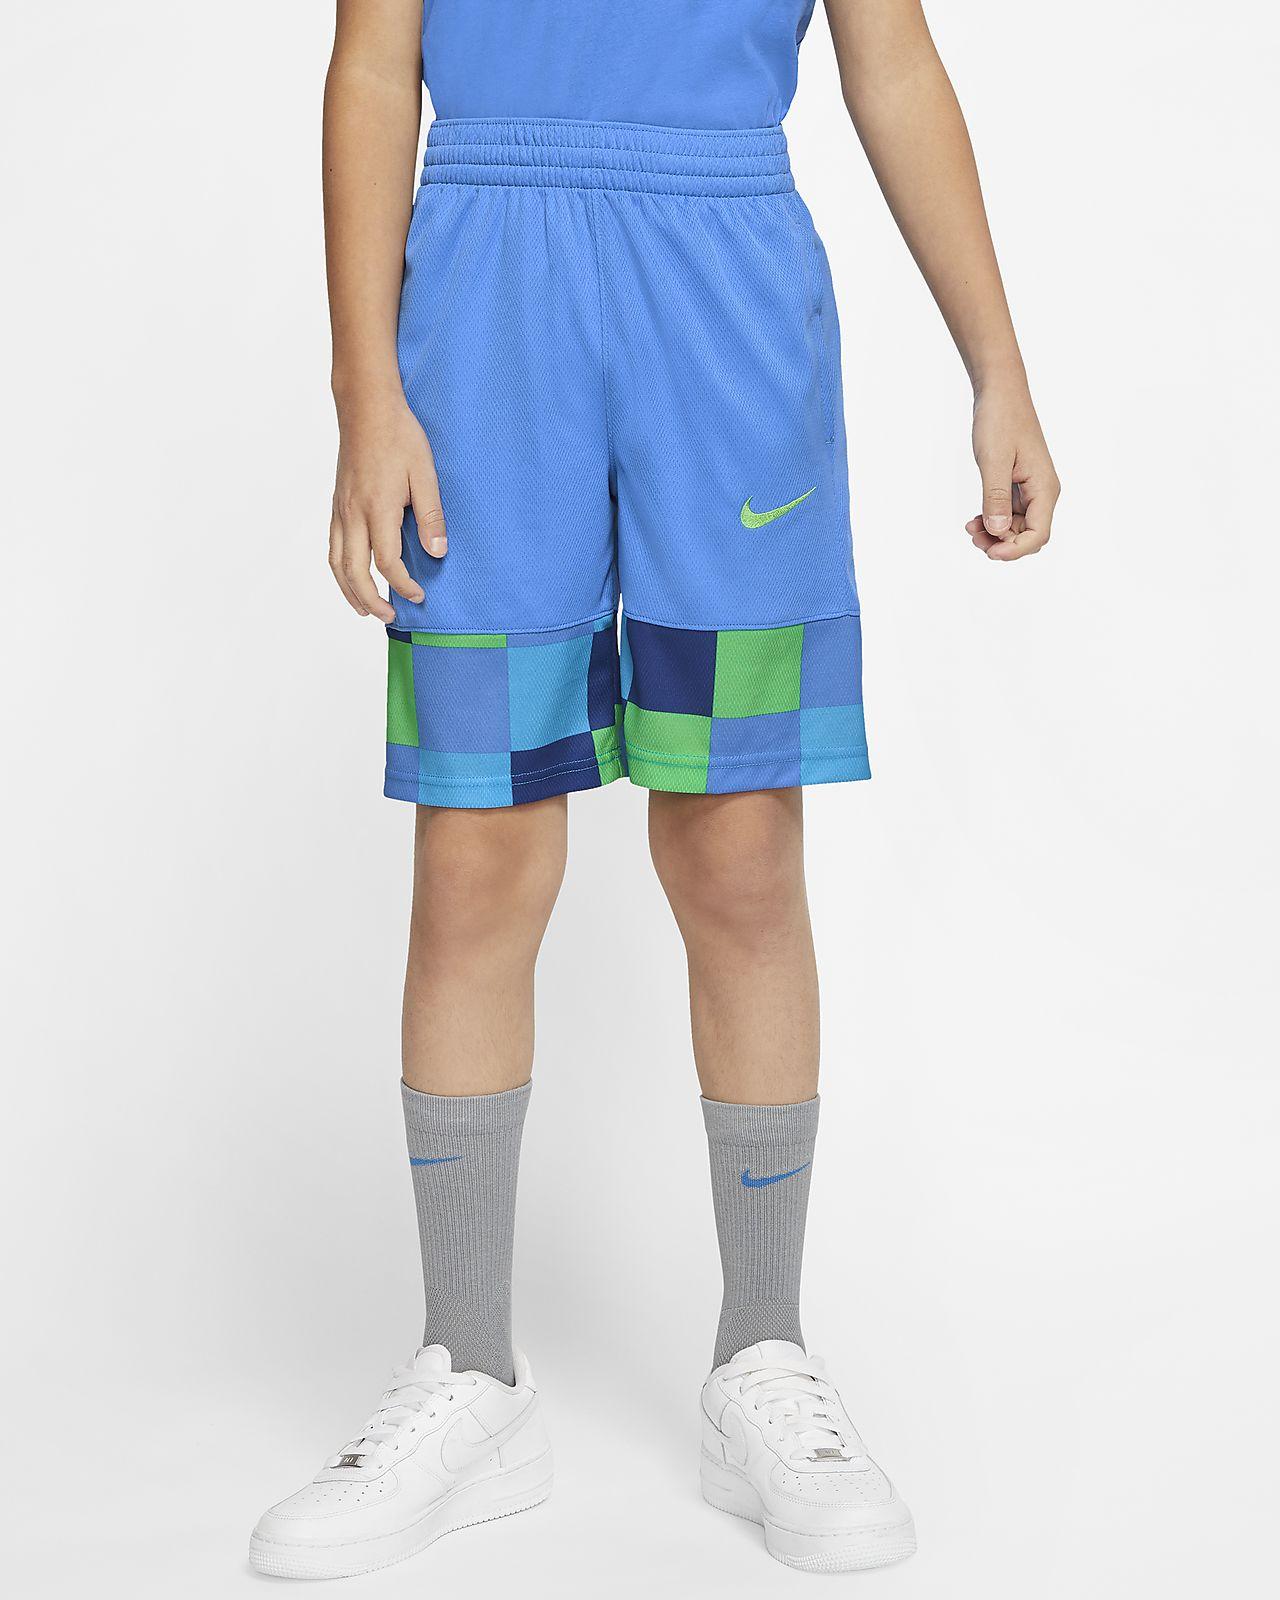 กางเกงบาสเก็ตบอลขาสั้นเด็กโต Nike (ชาย)